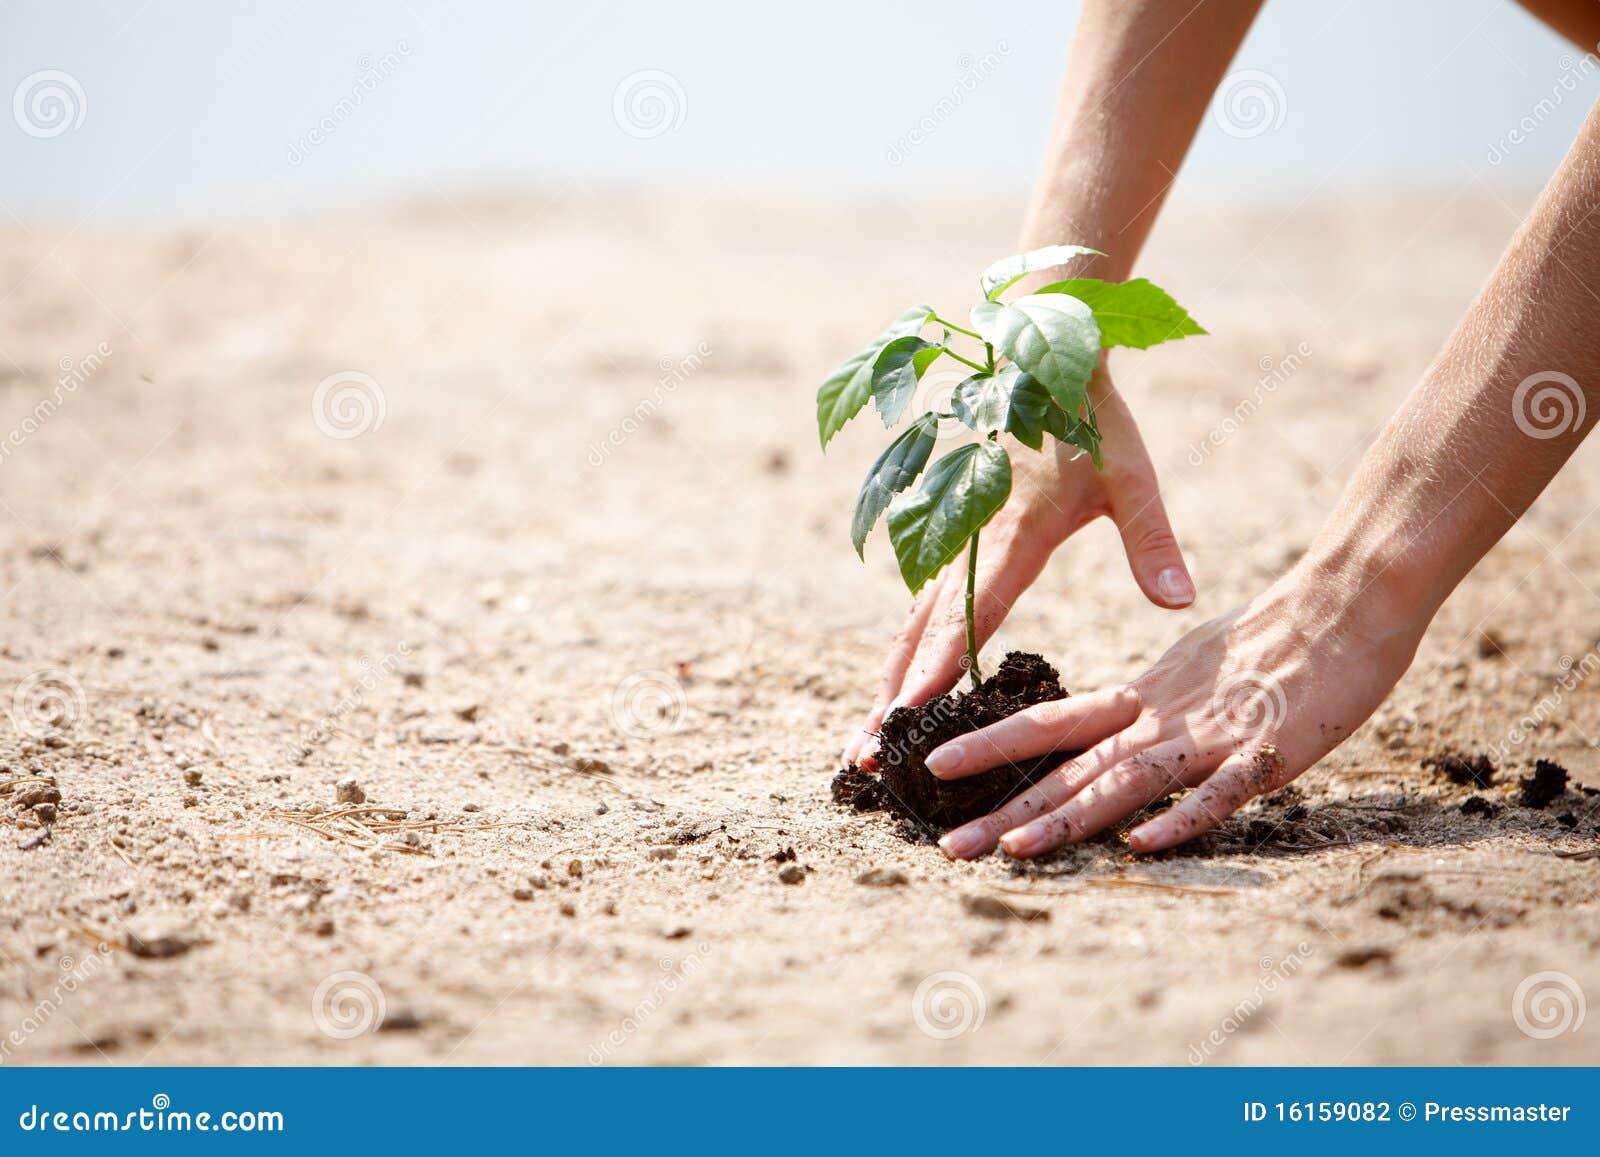 Cuidado de la planta fotograf a de archivo imagen 16159082 for 5 cuidados del suelo